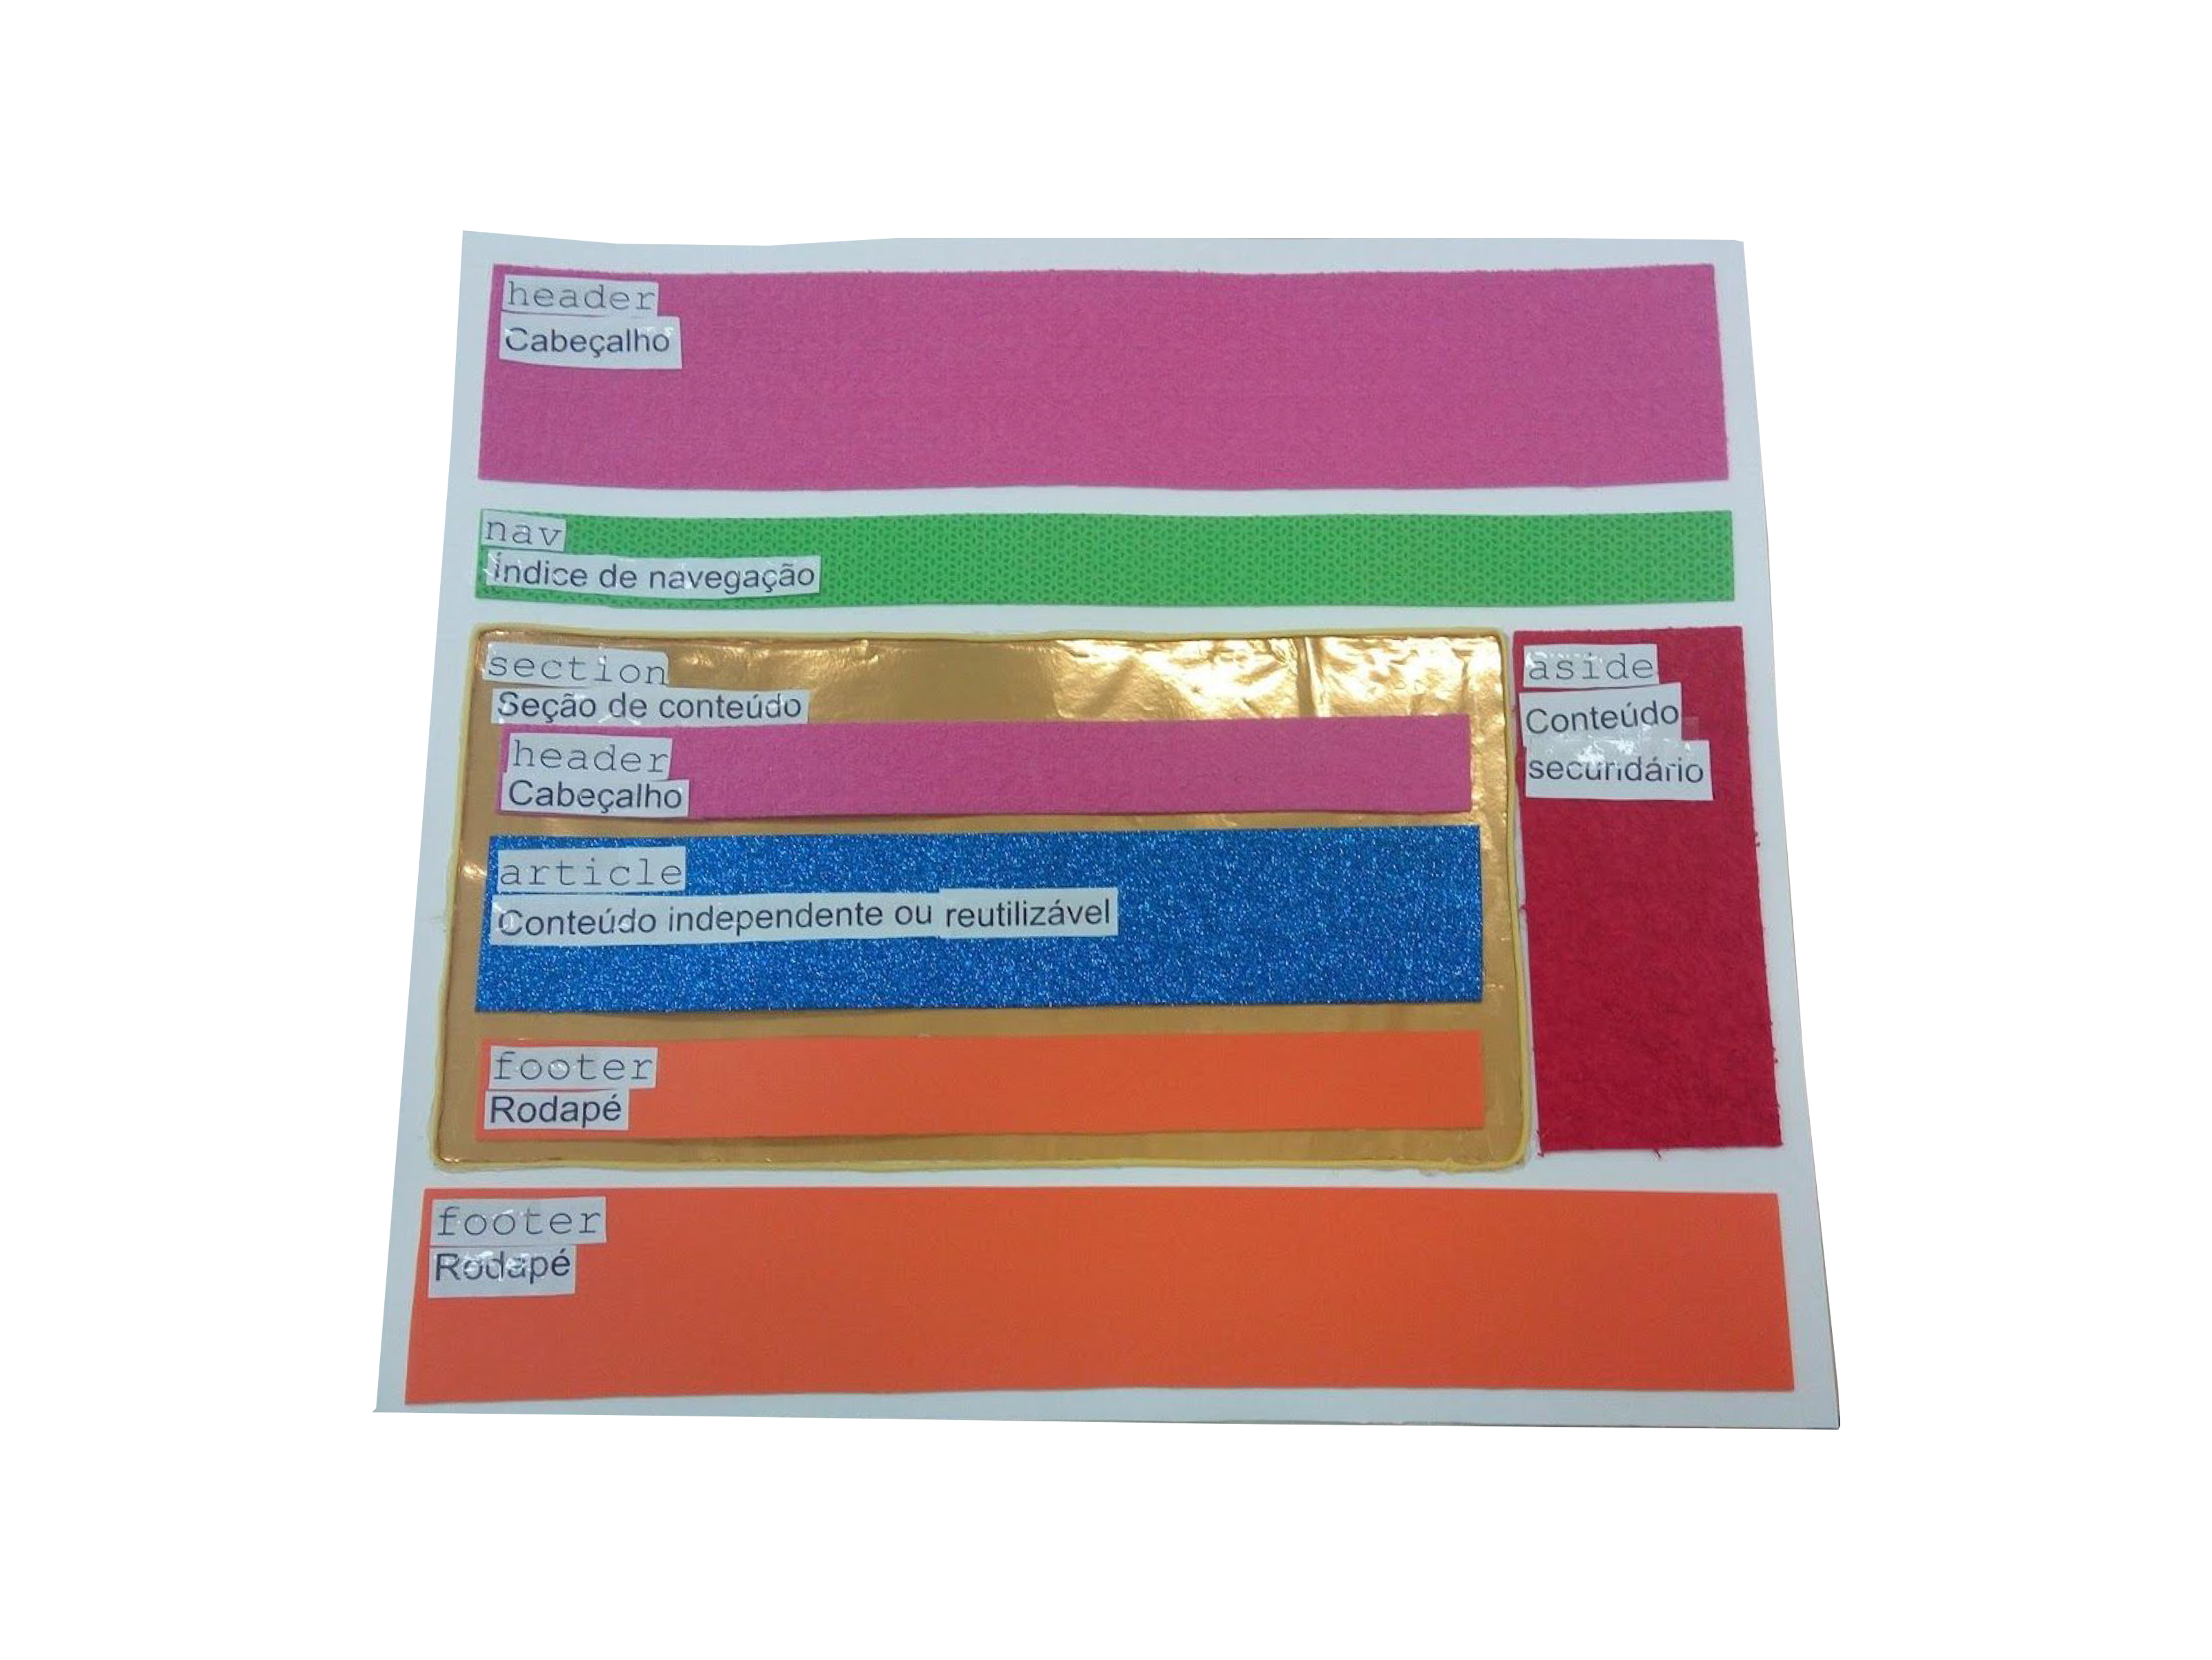 Estrutura básica do HTML representada com papéis de diferentes texturas sobre uma cartolina, contendo descrição em texto e em Braille